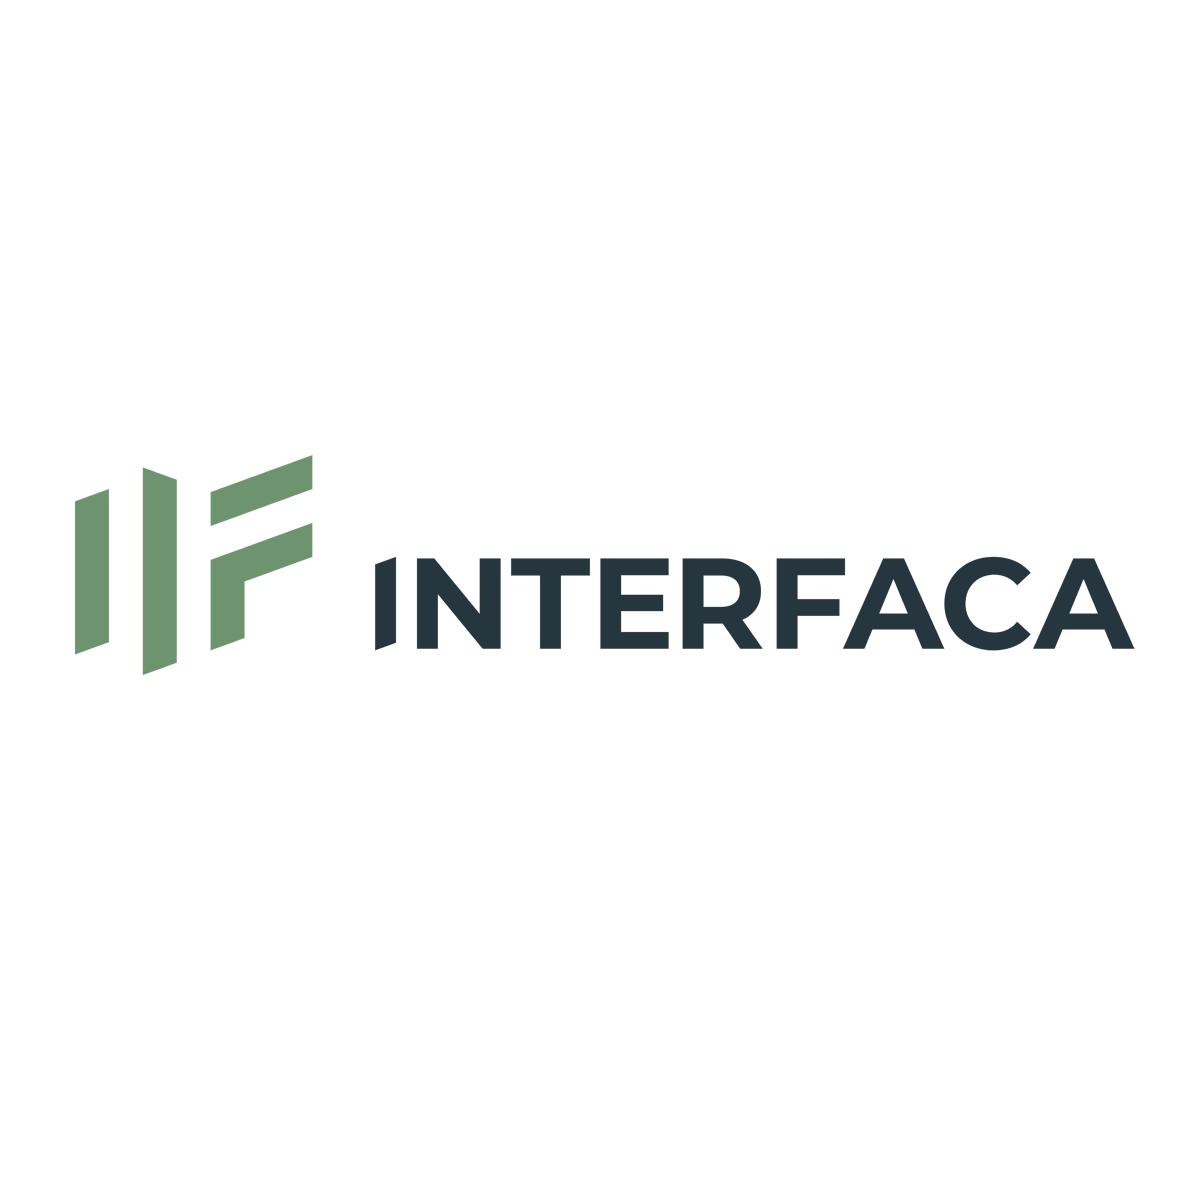 InterFaca.png